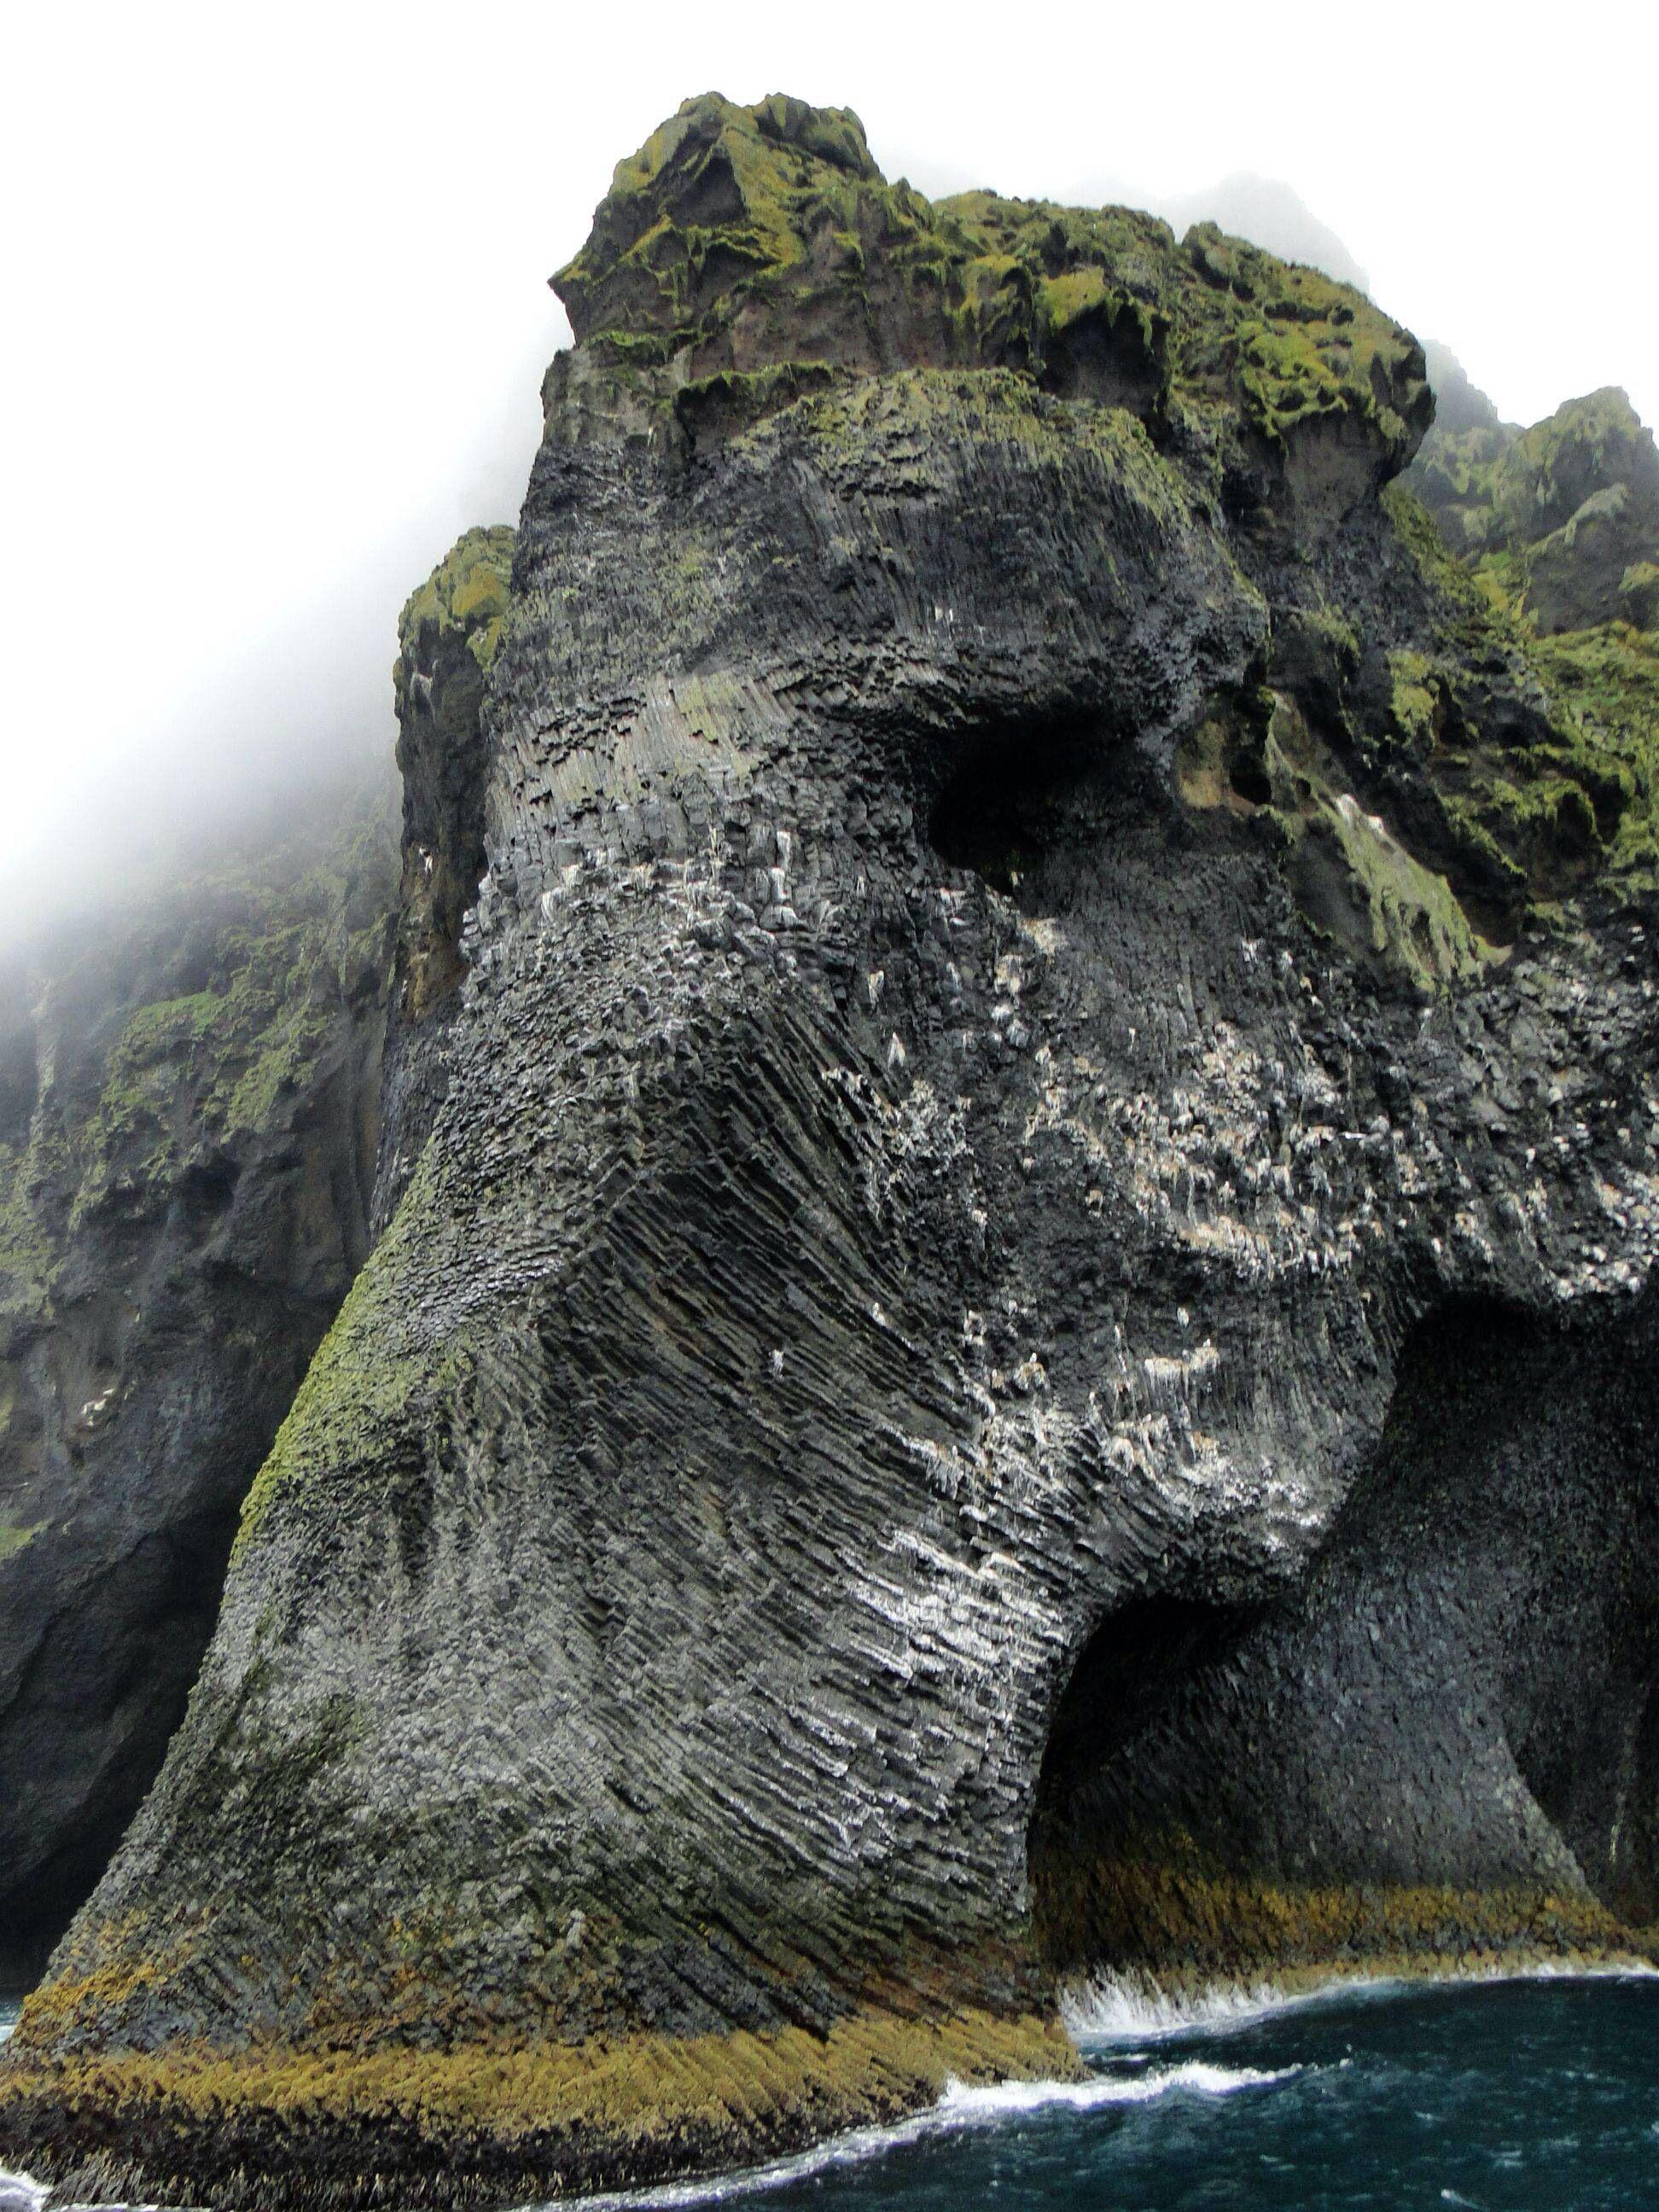 elephant rock, heimaey / iceland